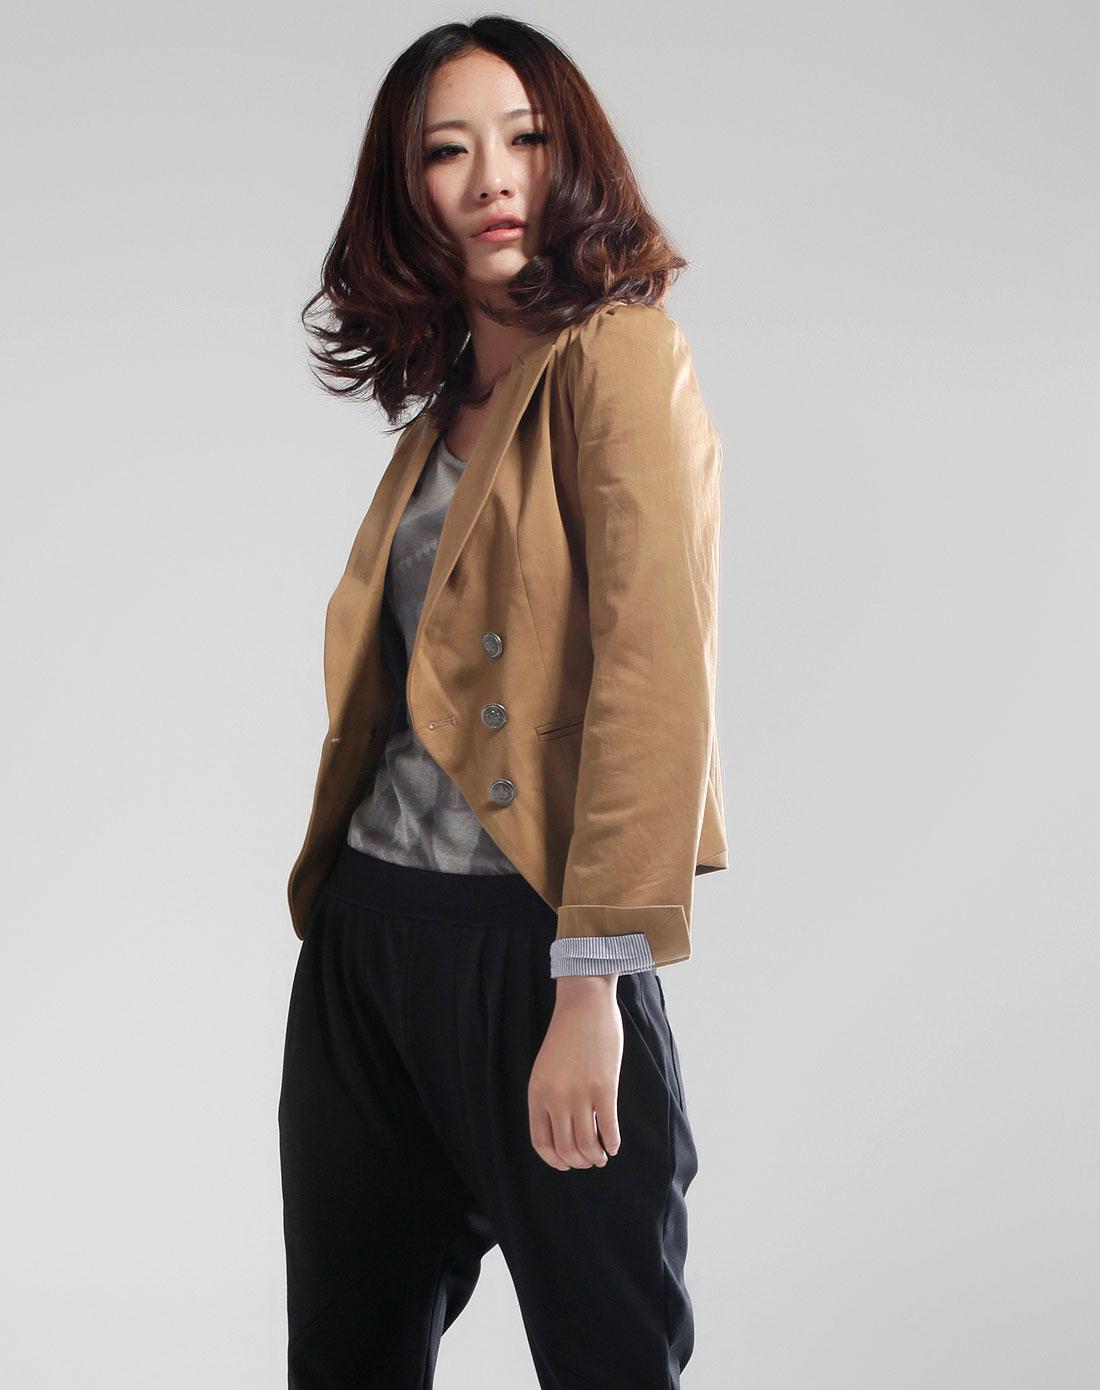 doin深卡其色时尚长袖外套a30213002-506